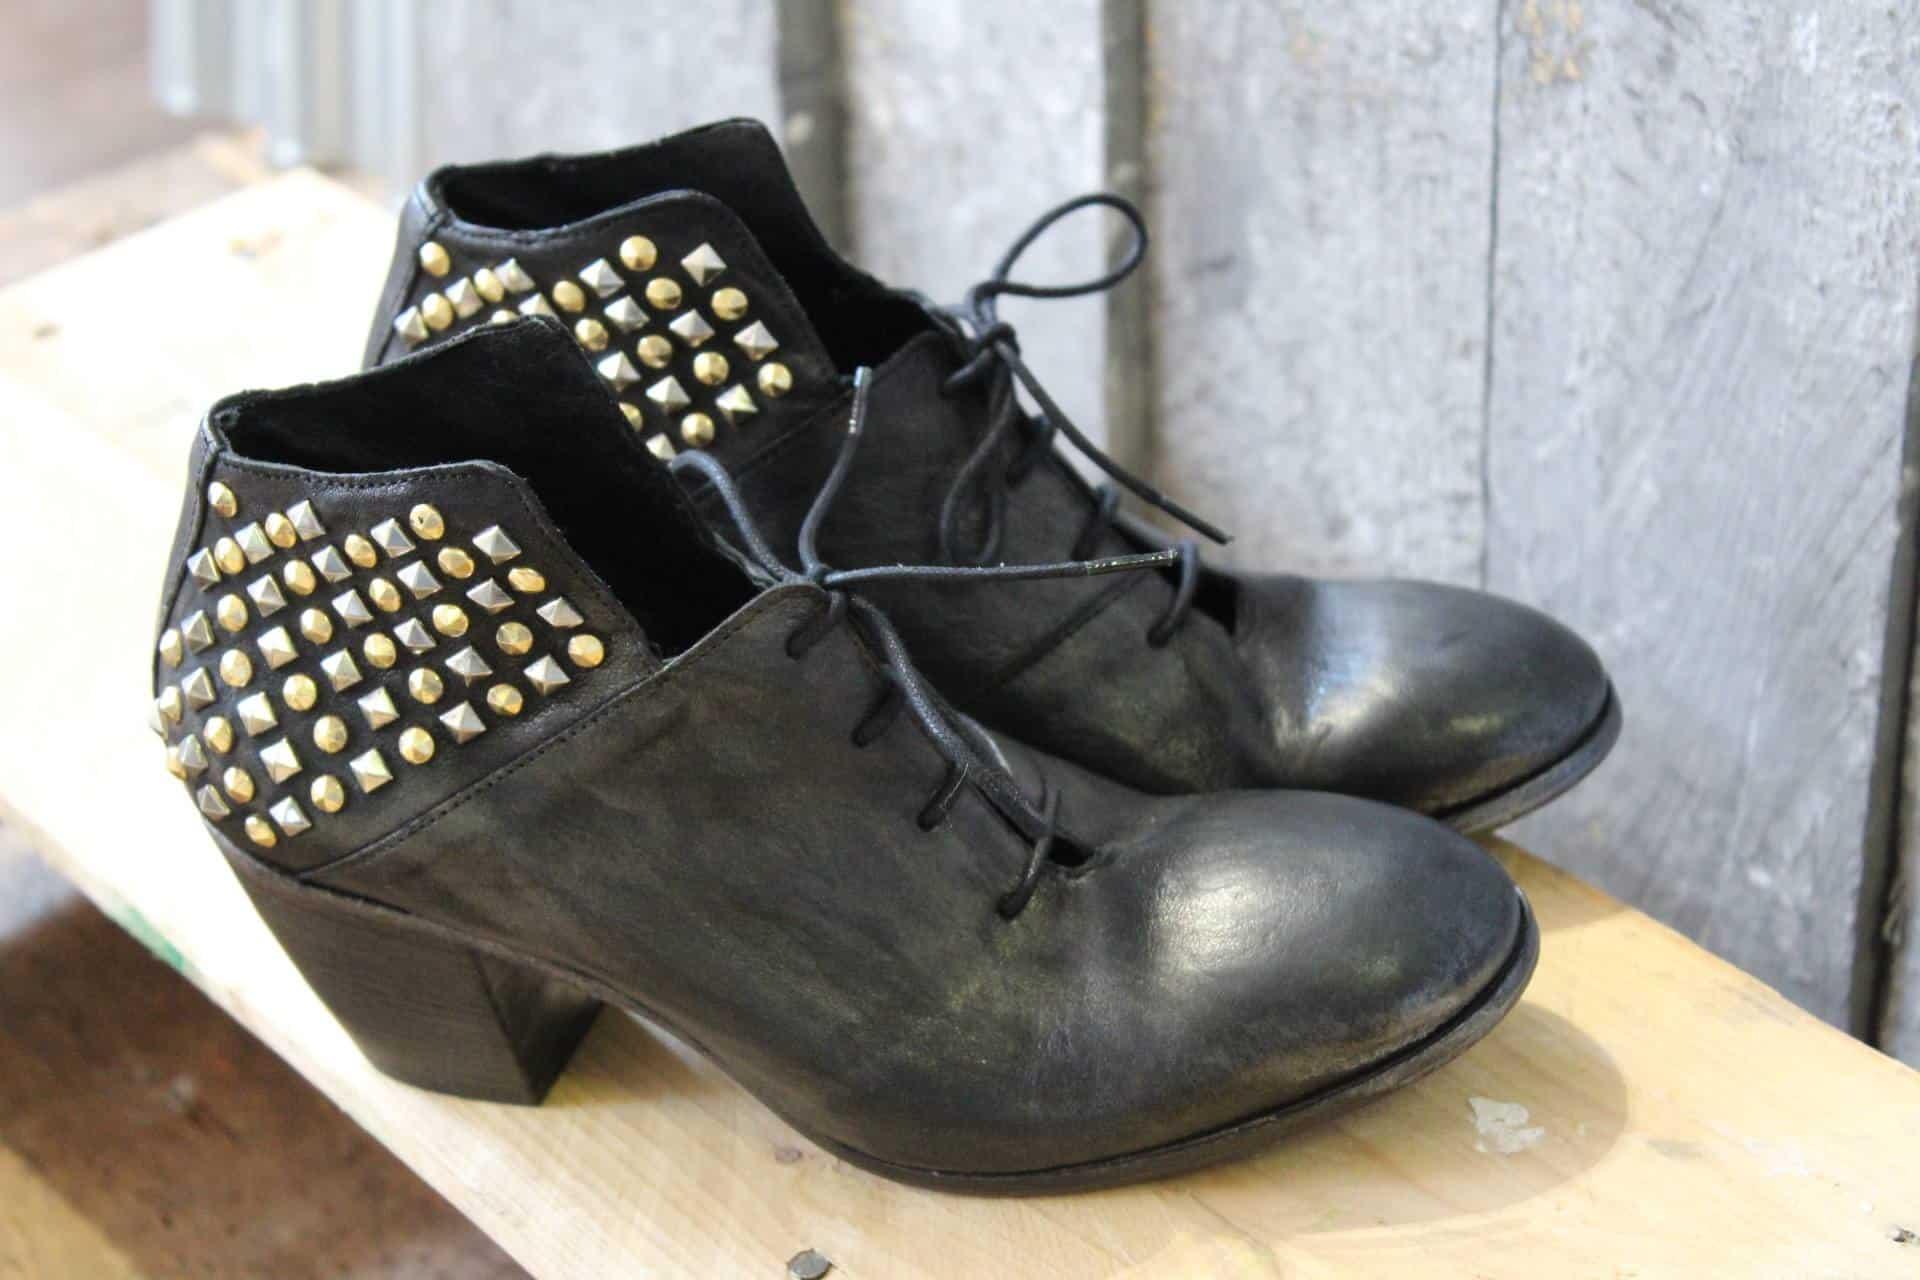 Stivaletti con borchie - 1725.A - scarpe made in Italy